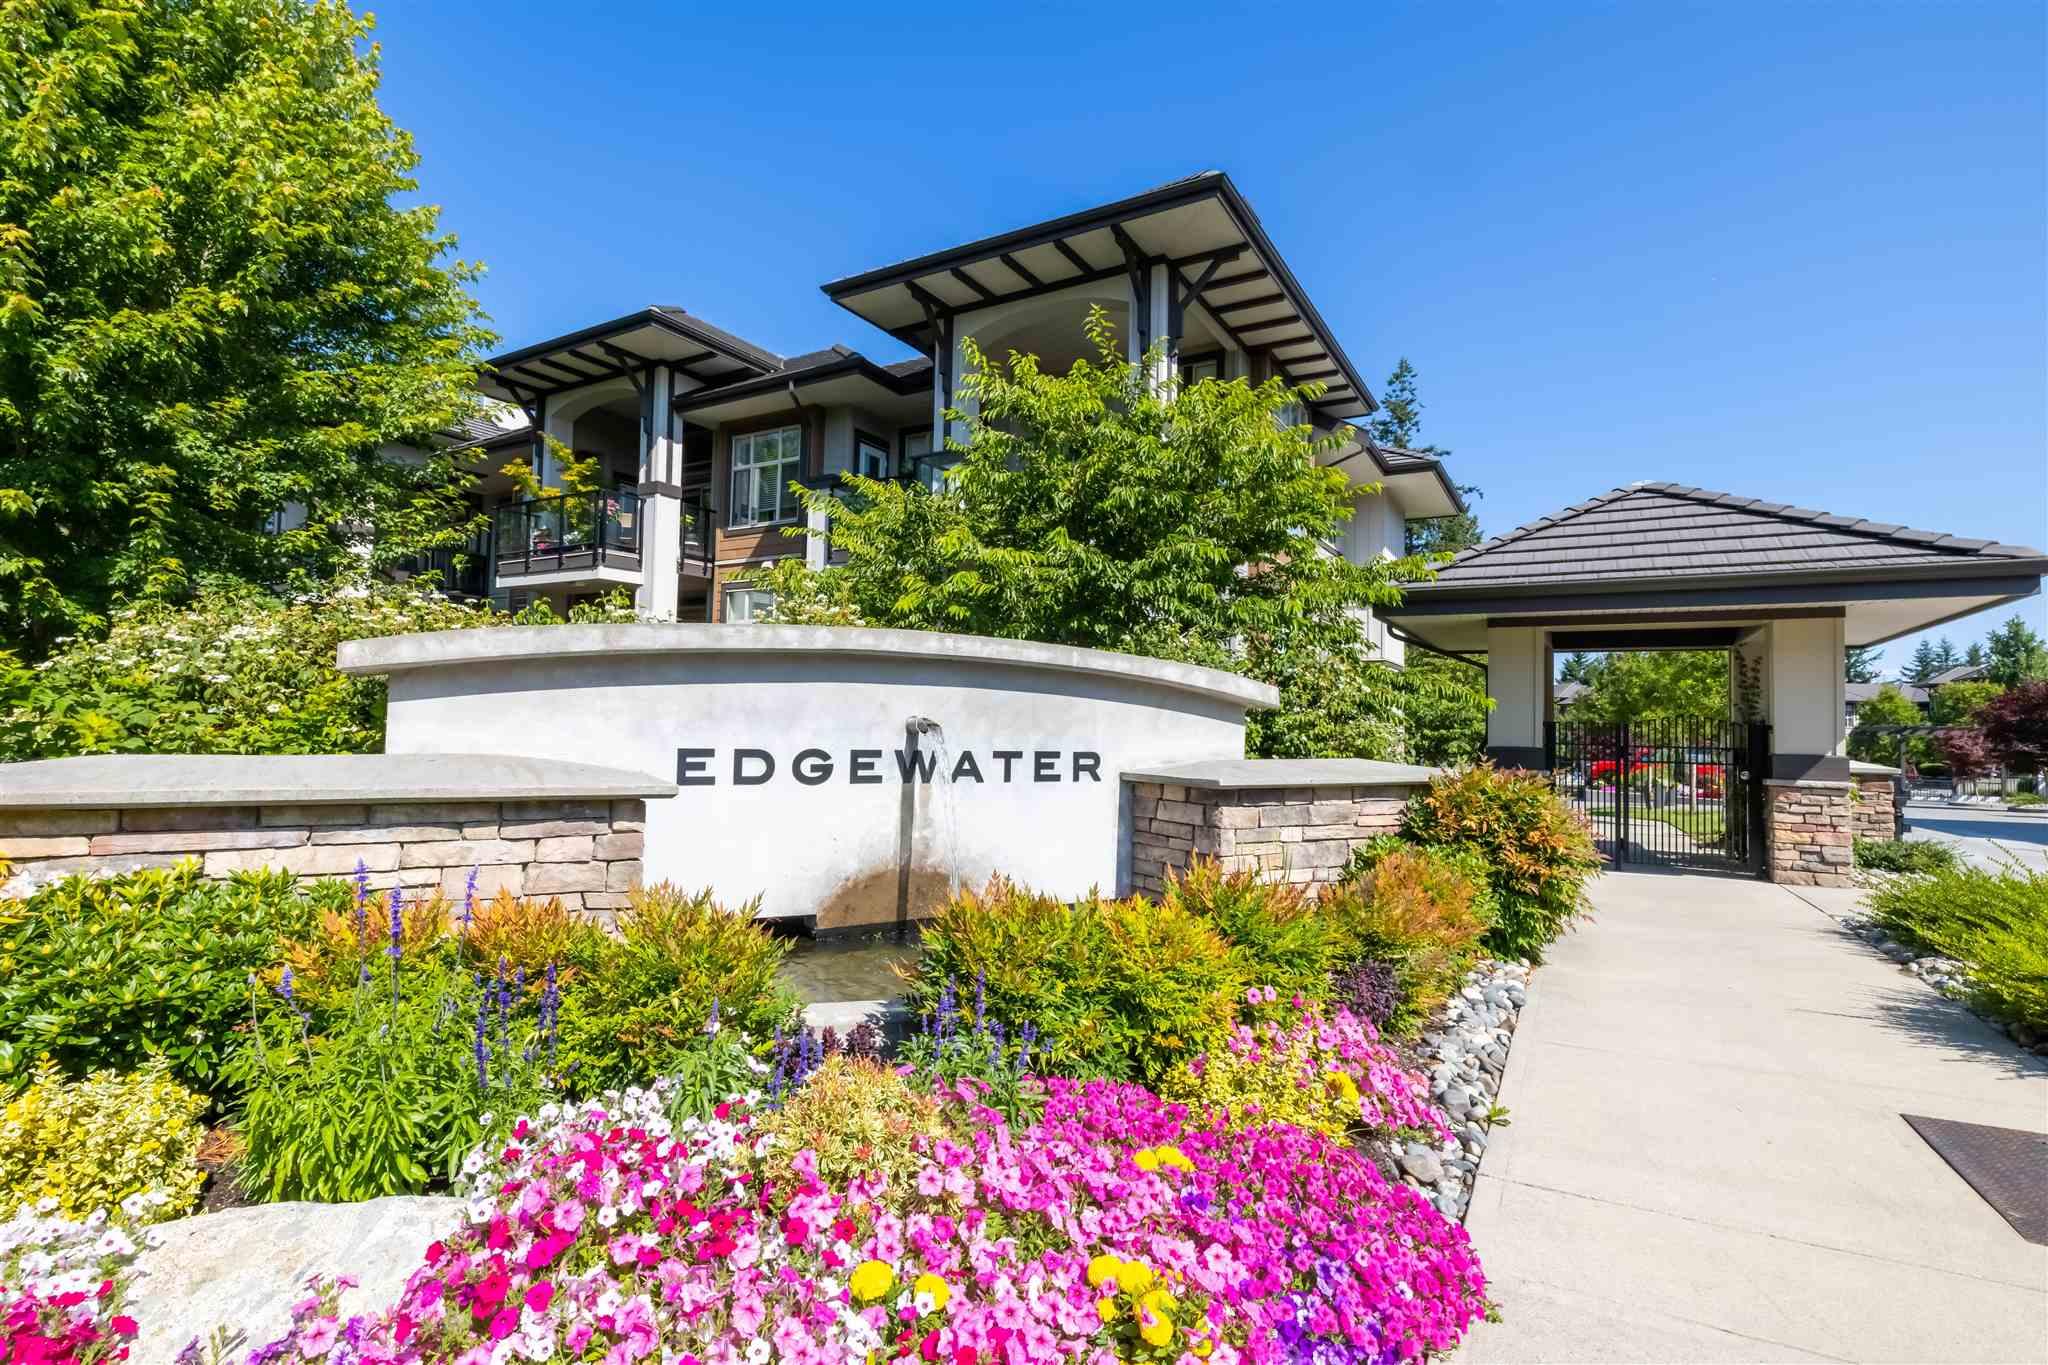 105 15185 36 AVENUE - Morgan Creek Apartment/Condo for sale, 2 Bedrooms (R2606189) - #1